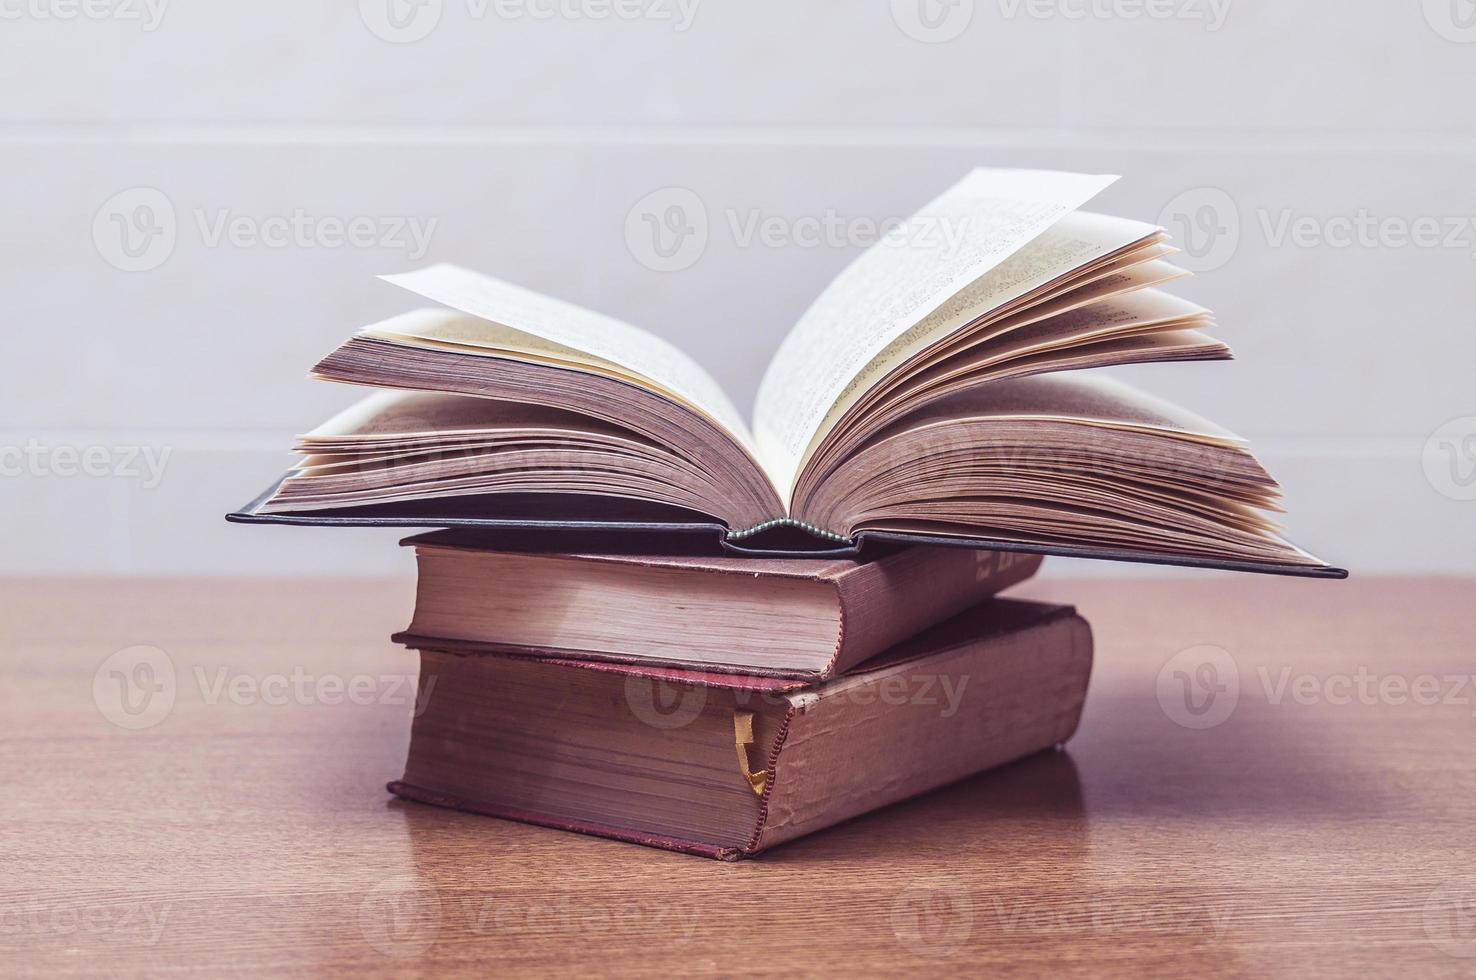 quelques vieux livres sur une table photo